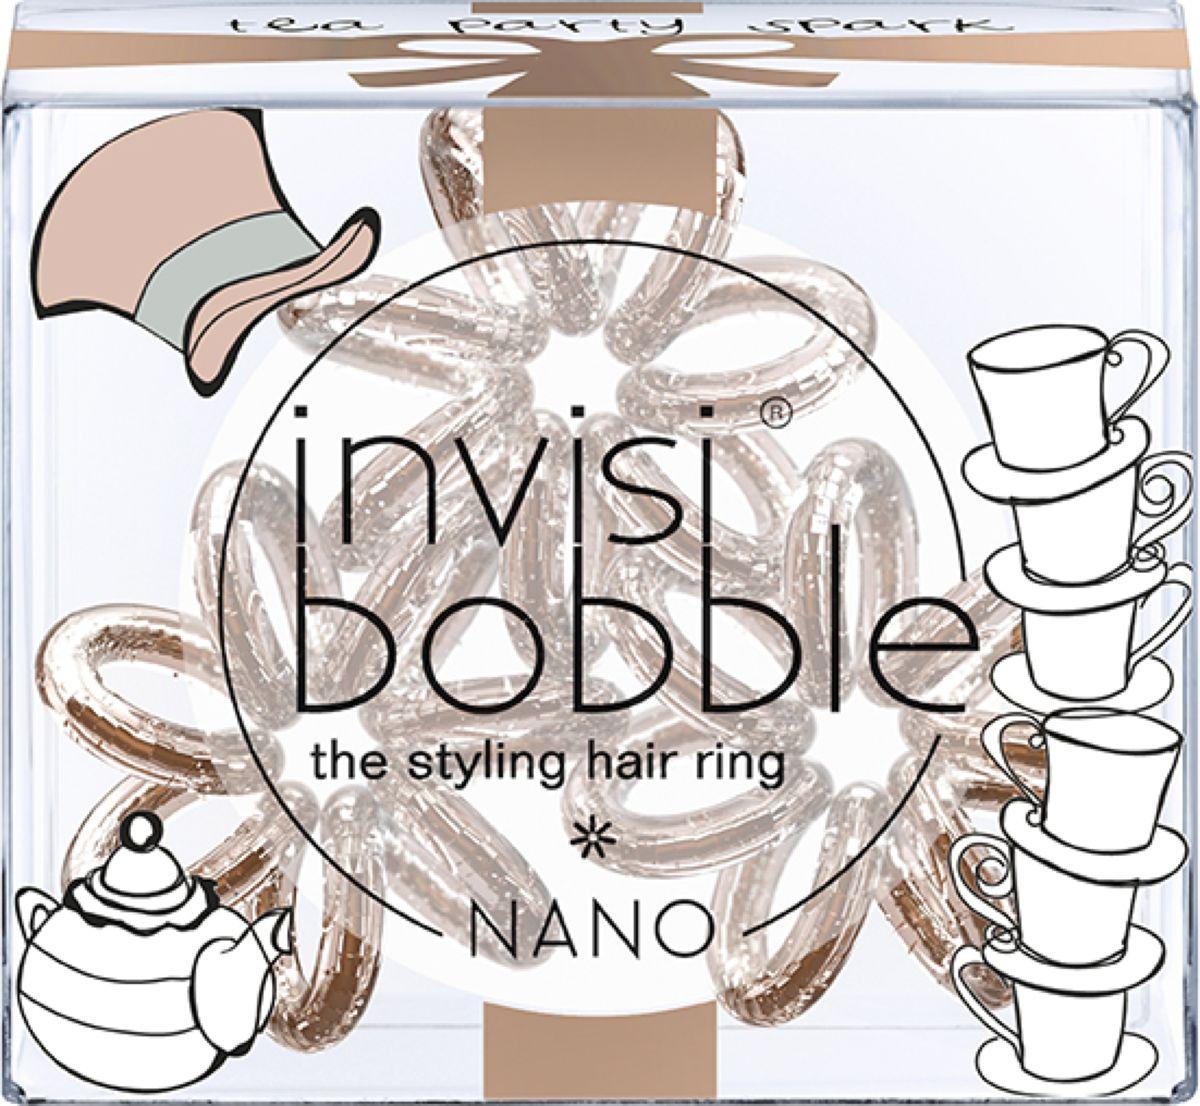 Invisibobble Резинка для волос Nano Tea Party Spark, 3 шт invisibobble резинка для волос бежевого цвета original queen of the jungle 3 шт резинка для волос бежевого цвета original queen of the jungle 3 шт 3 шт уп